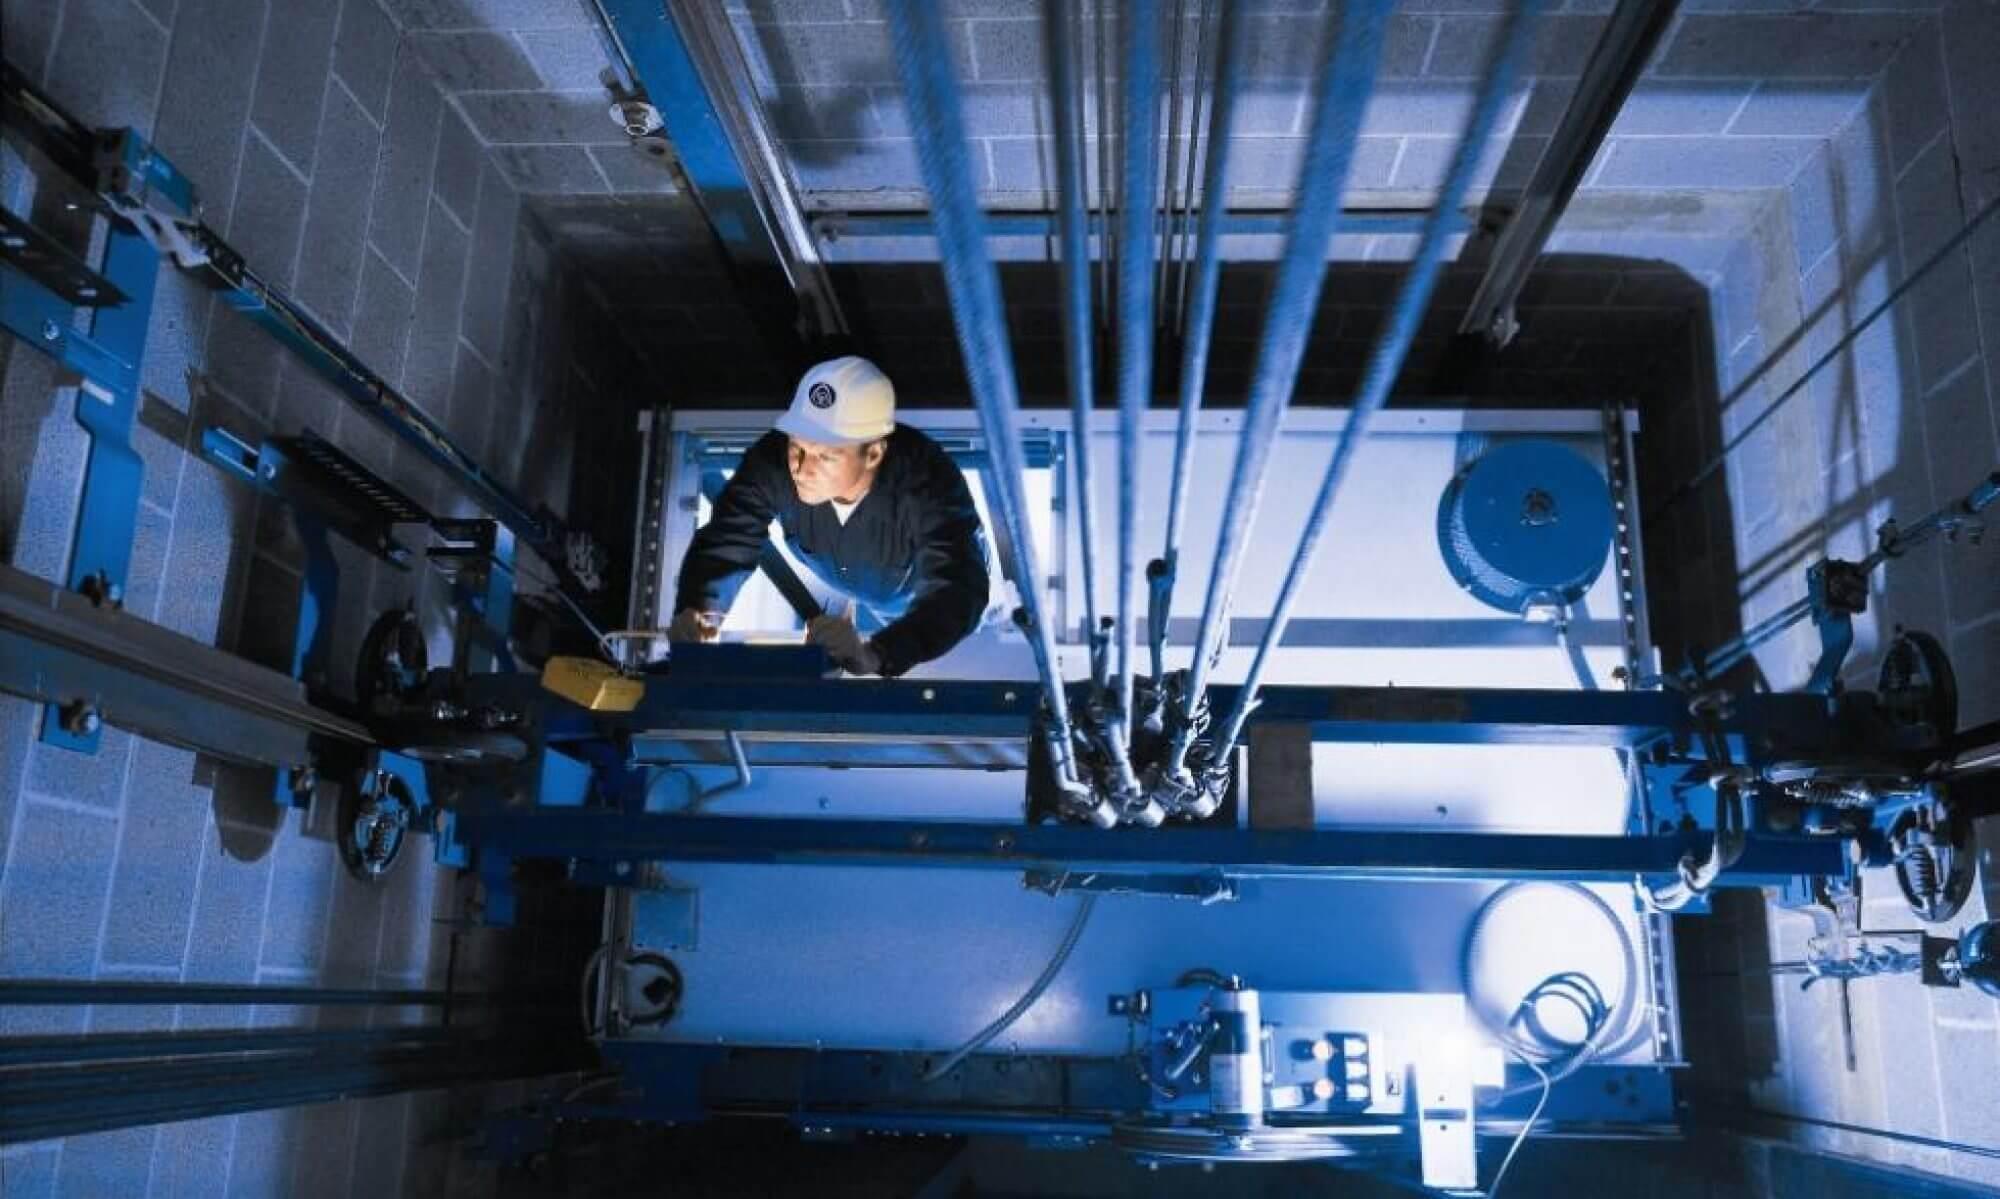 تعمیر آسانسور در کرج؛ سرویس و نگهداری آسانسور